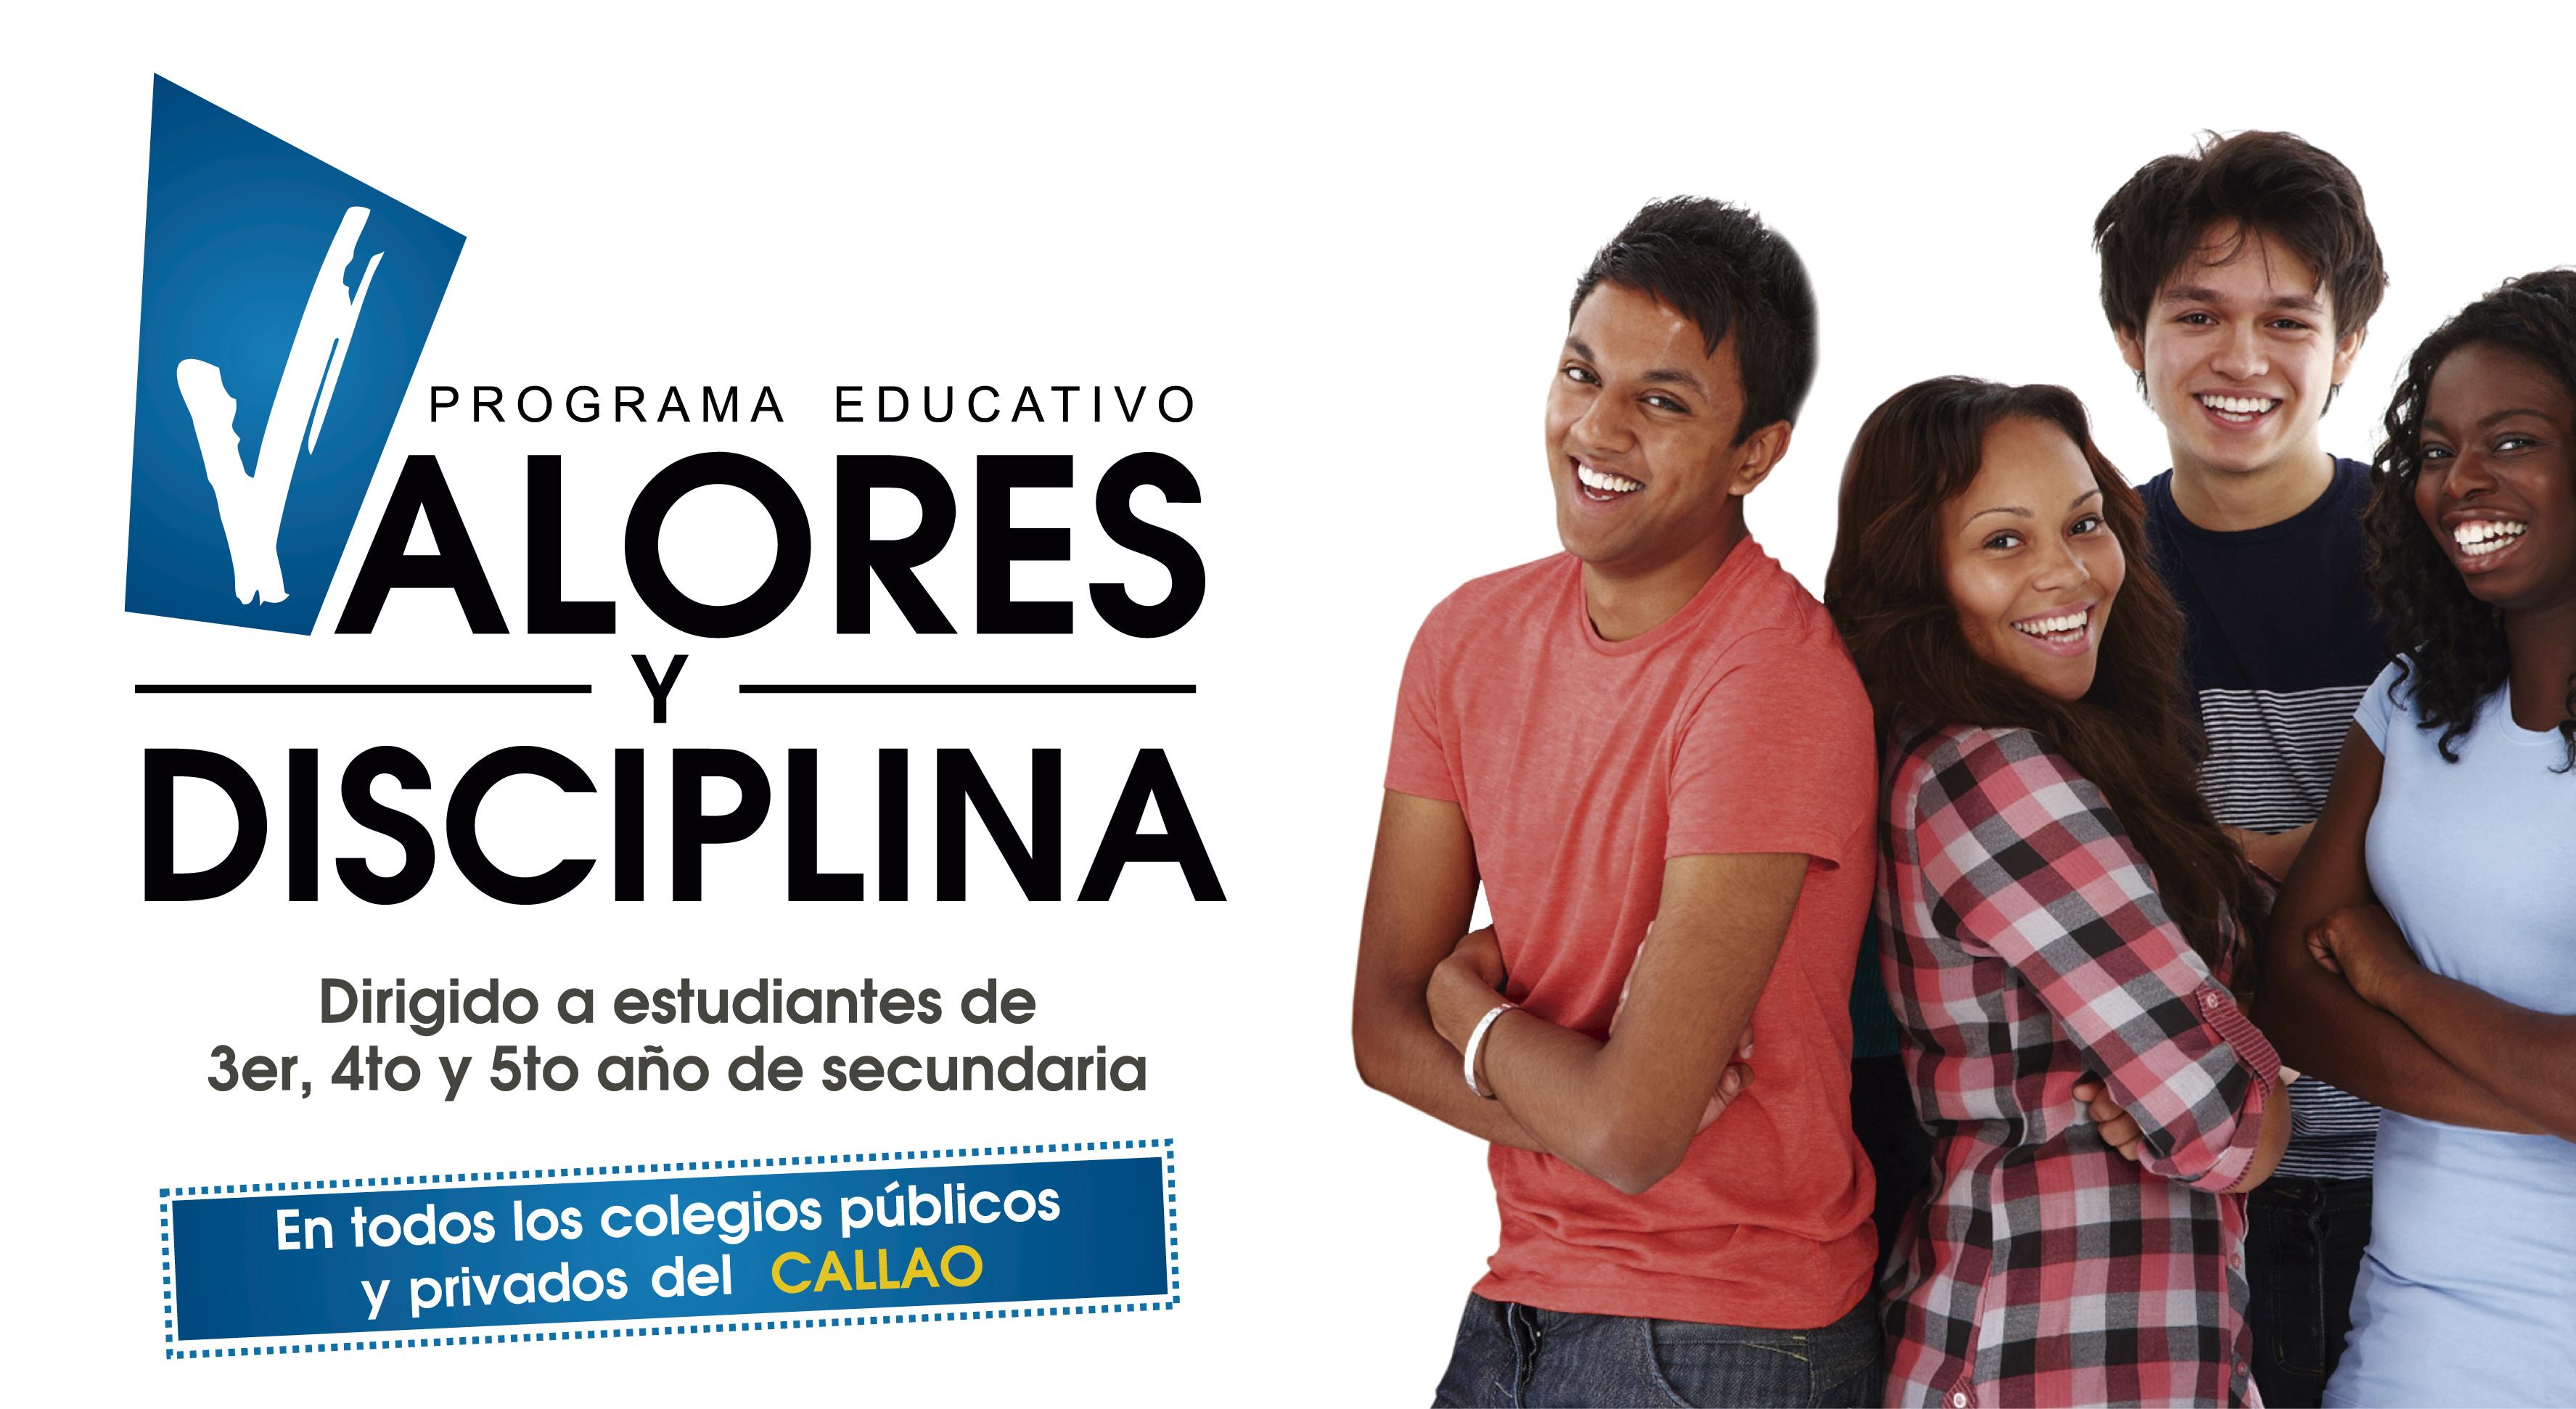 PROGRAMA EDUCATIVO VALORES Y DISCIPLINA